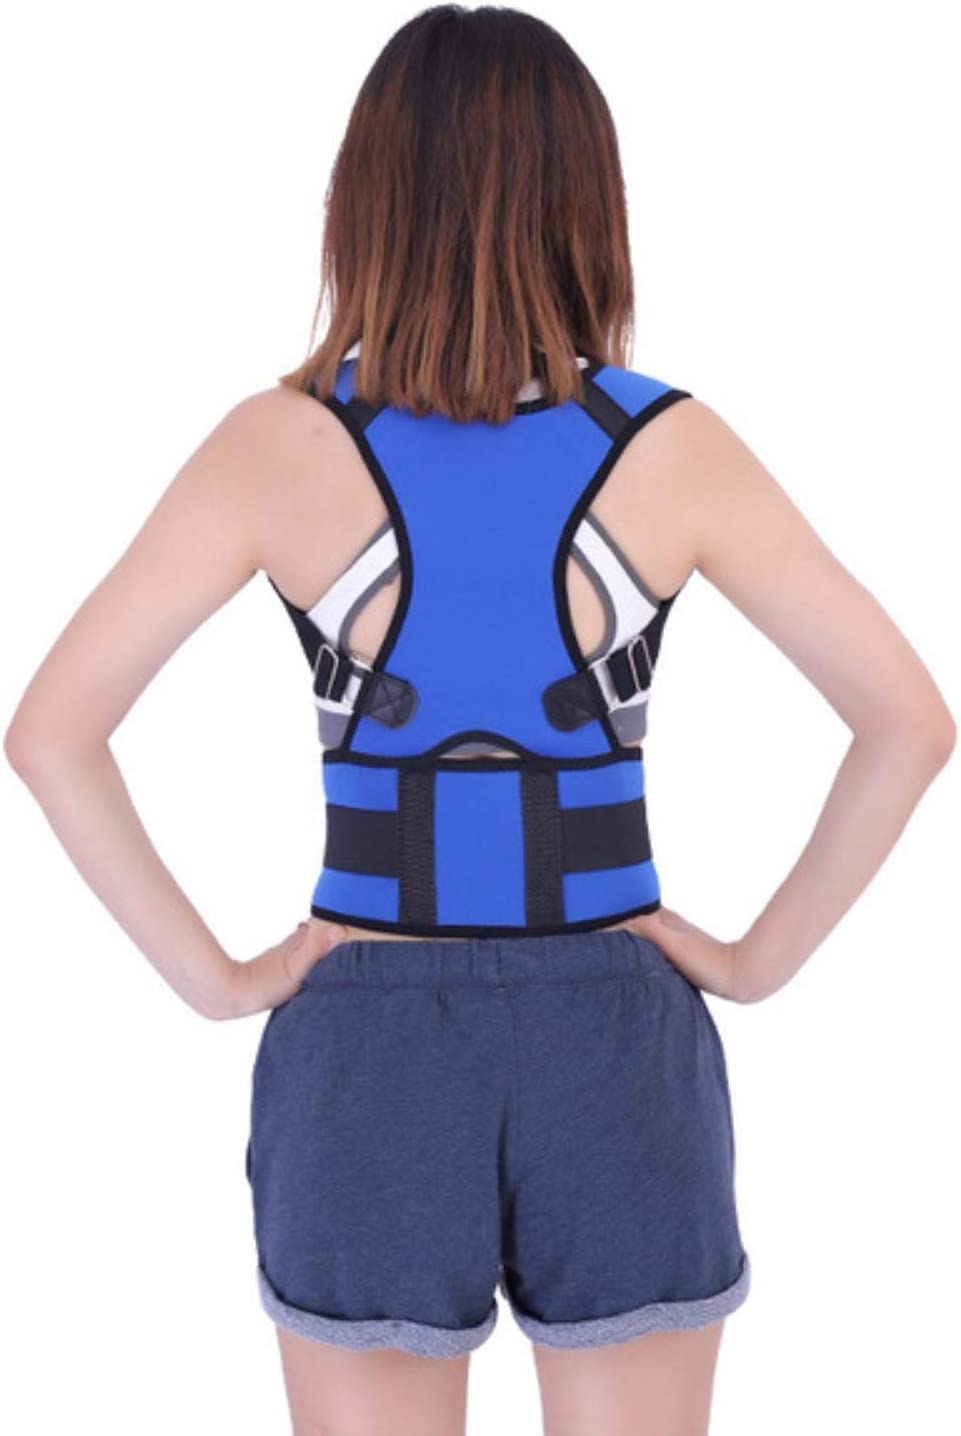 Corrector de postura de clavícula Cinturón de soporte de espalda Vendaje de hombro Corsé Espalda Ortopédica Escoliosis Rugbrace Protección de espalda